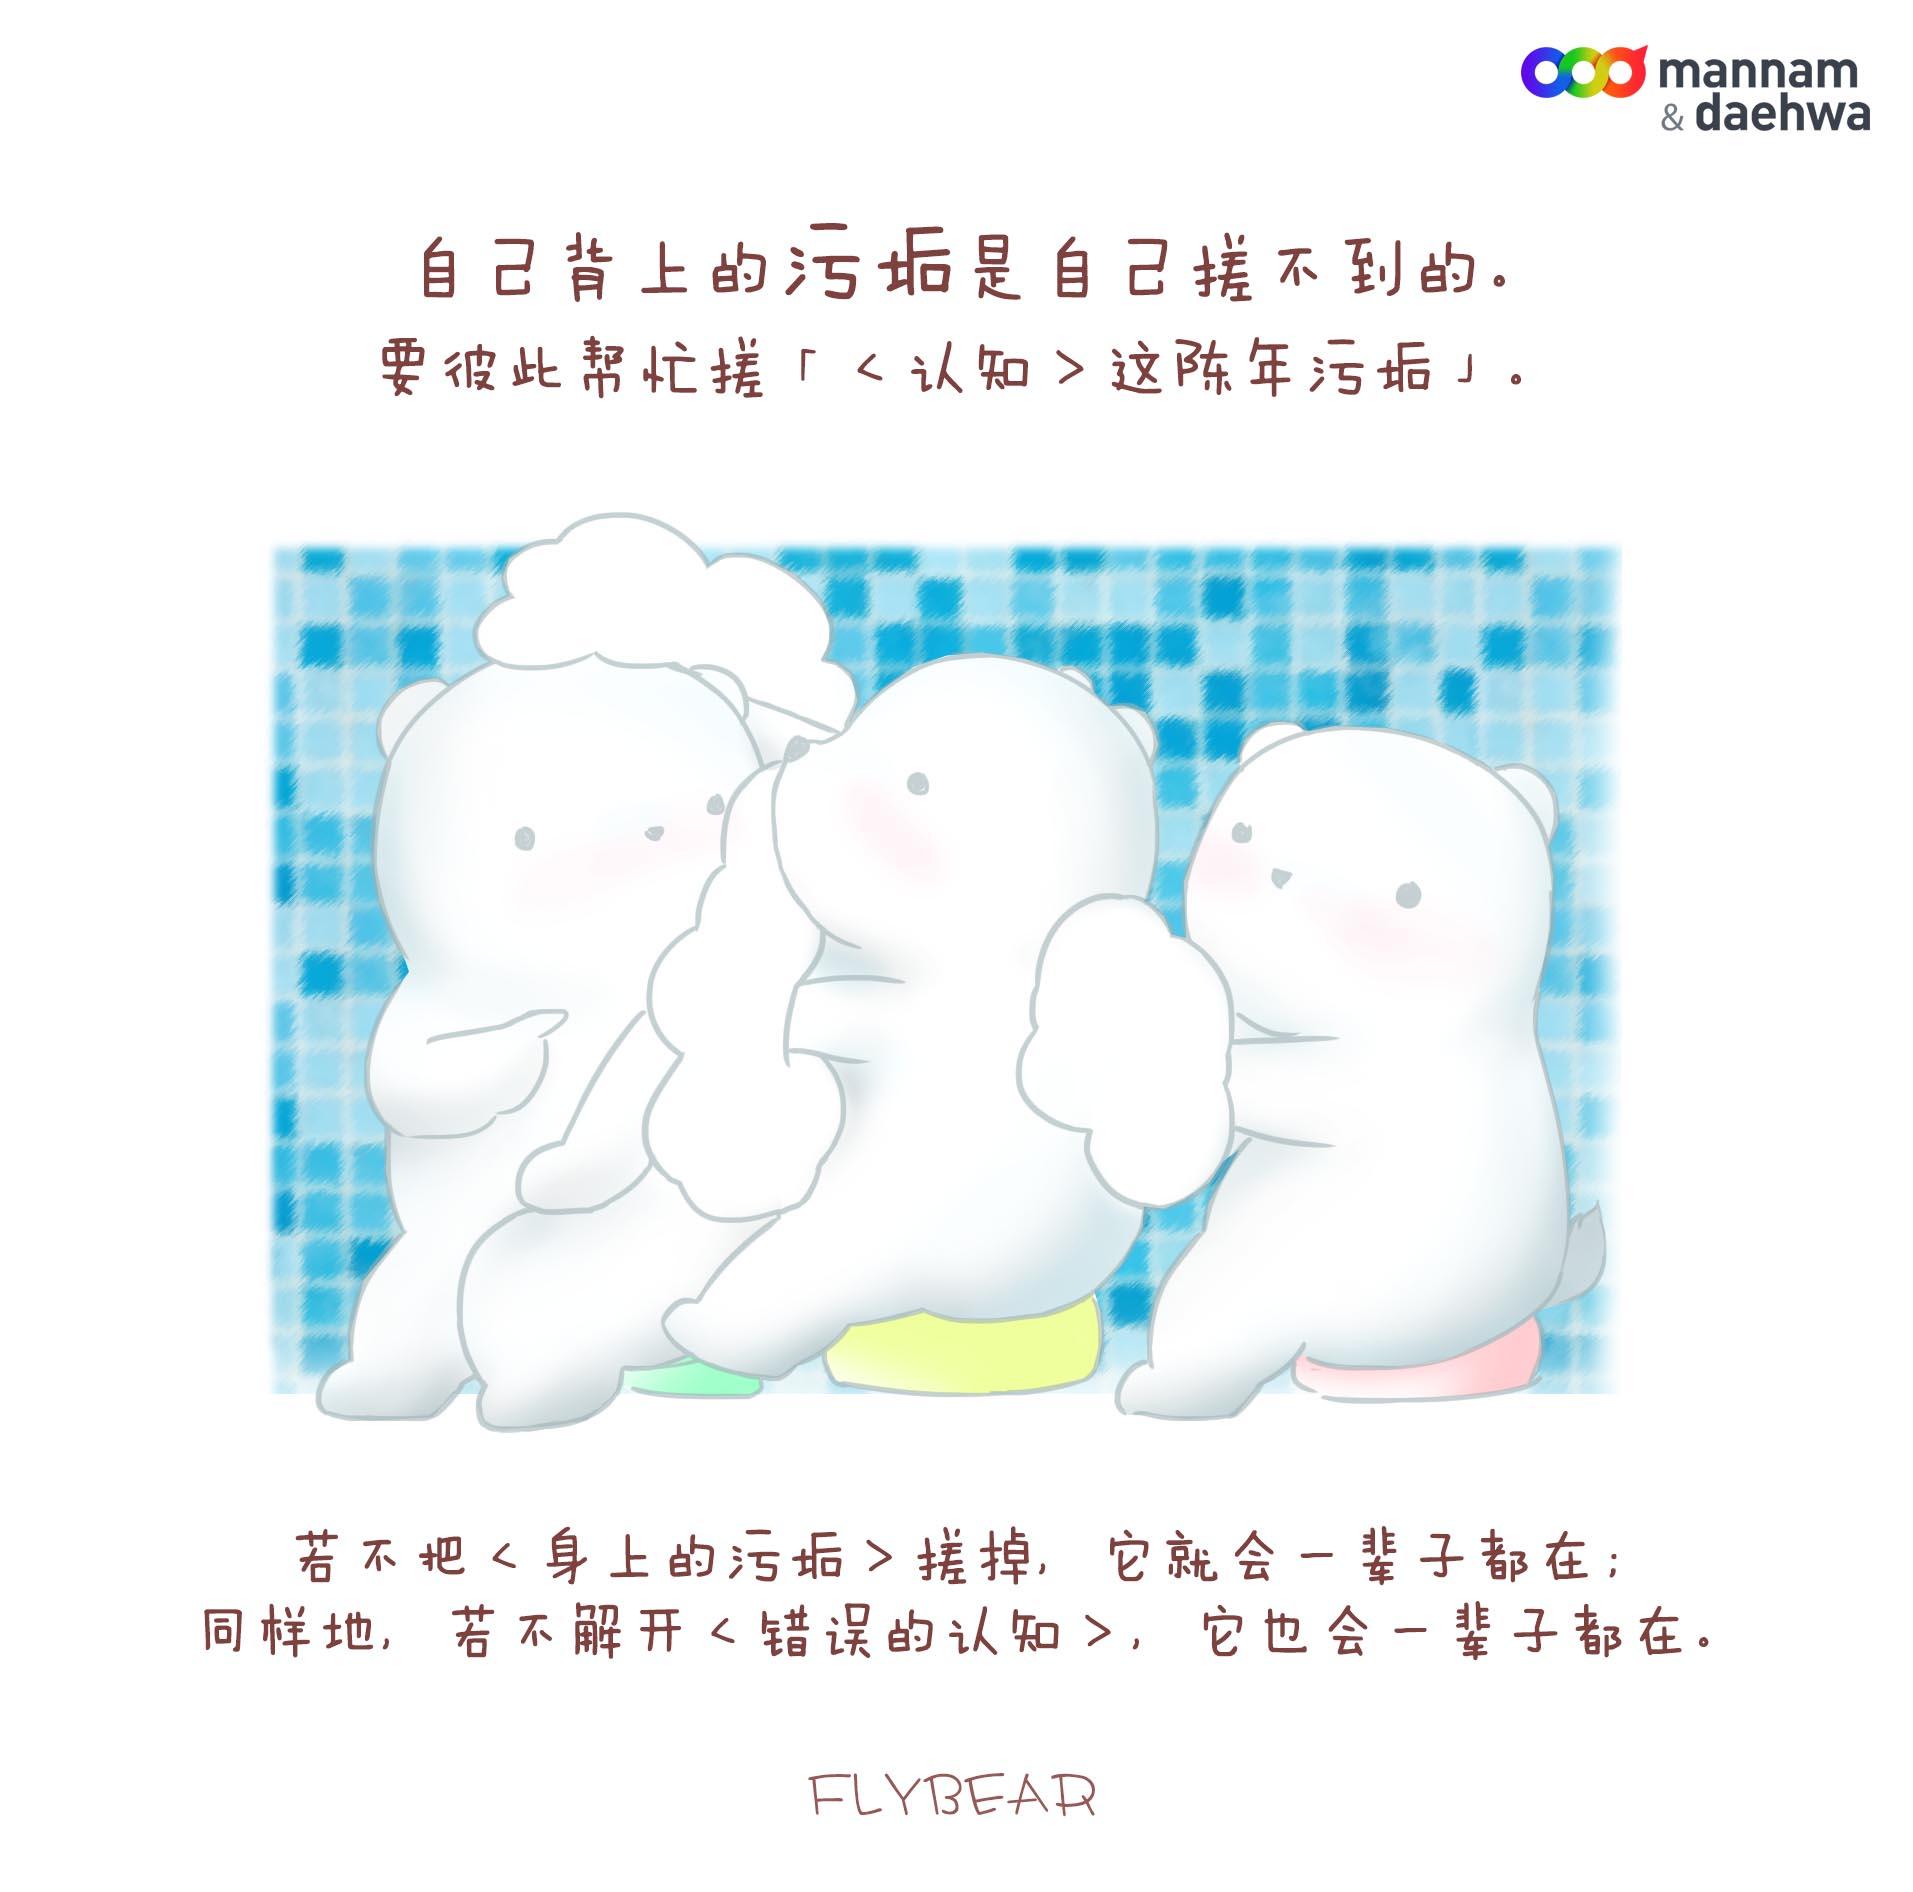 摄理插画_flybear_9_污垢_互相搓背_飞熊